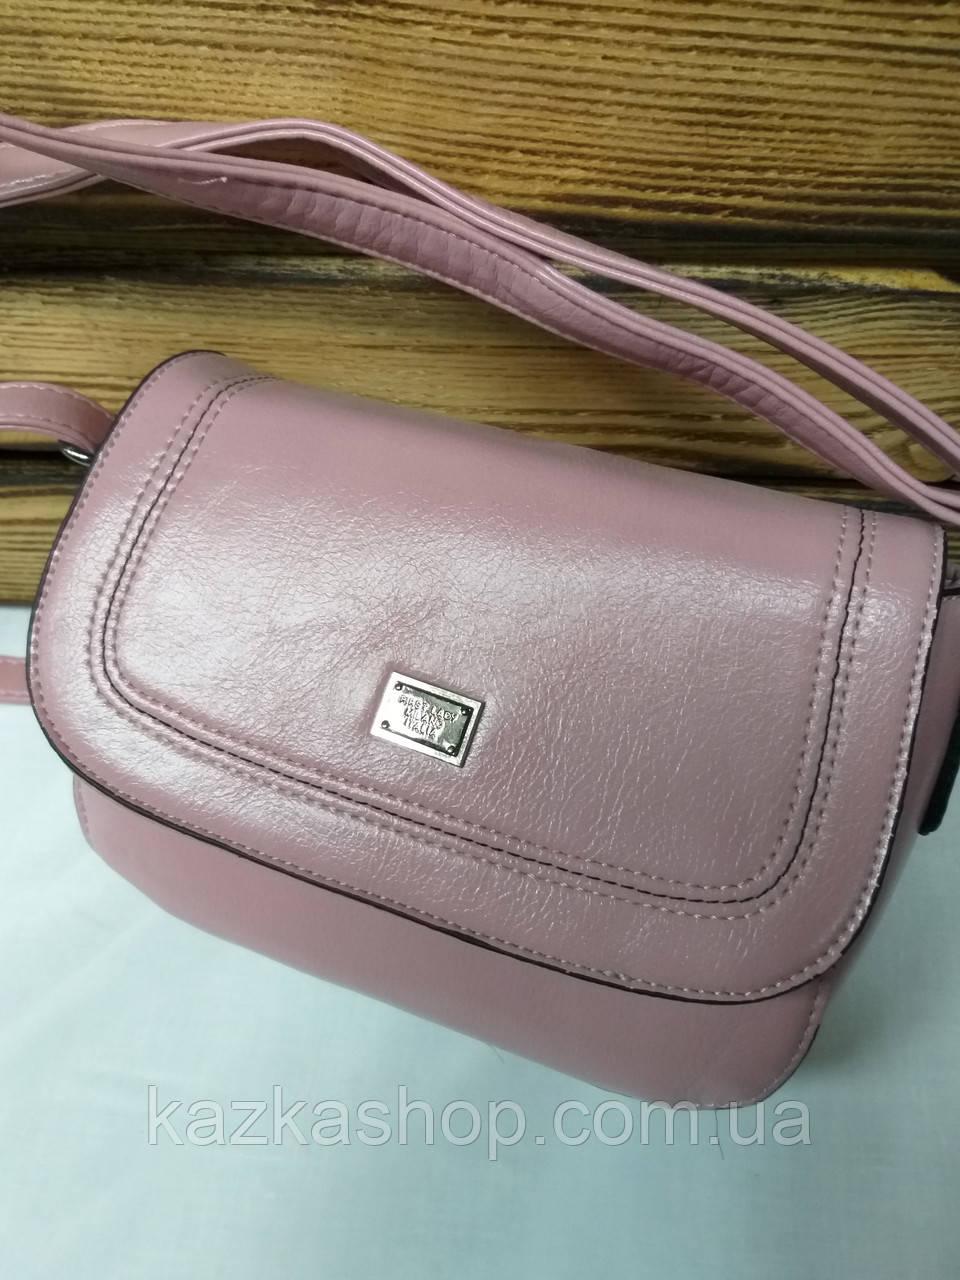 5969feef56ac Женский клатч розового цвета, с клапаном и регулируемым несъемным ремешком  - Интернет магазин аксессуаров для